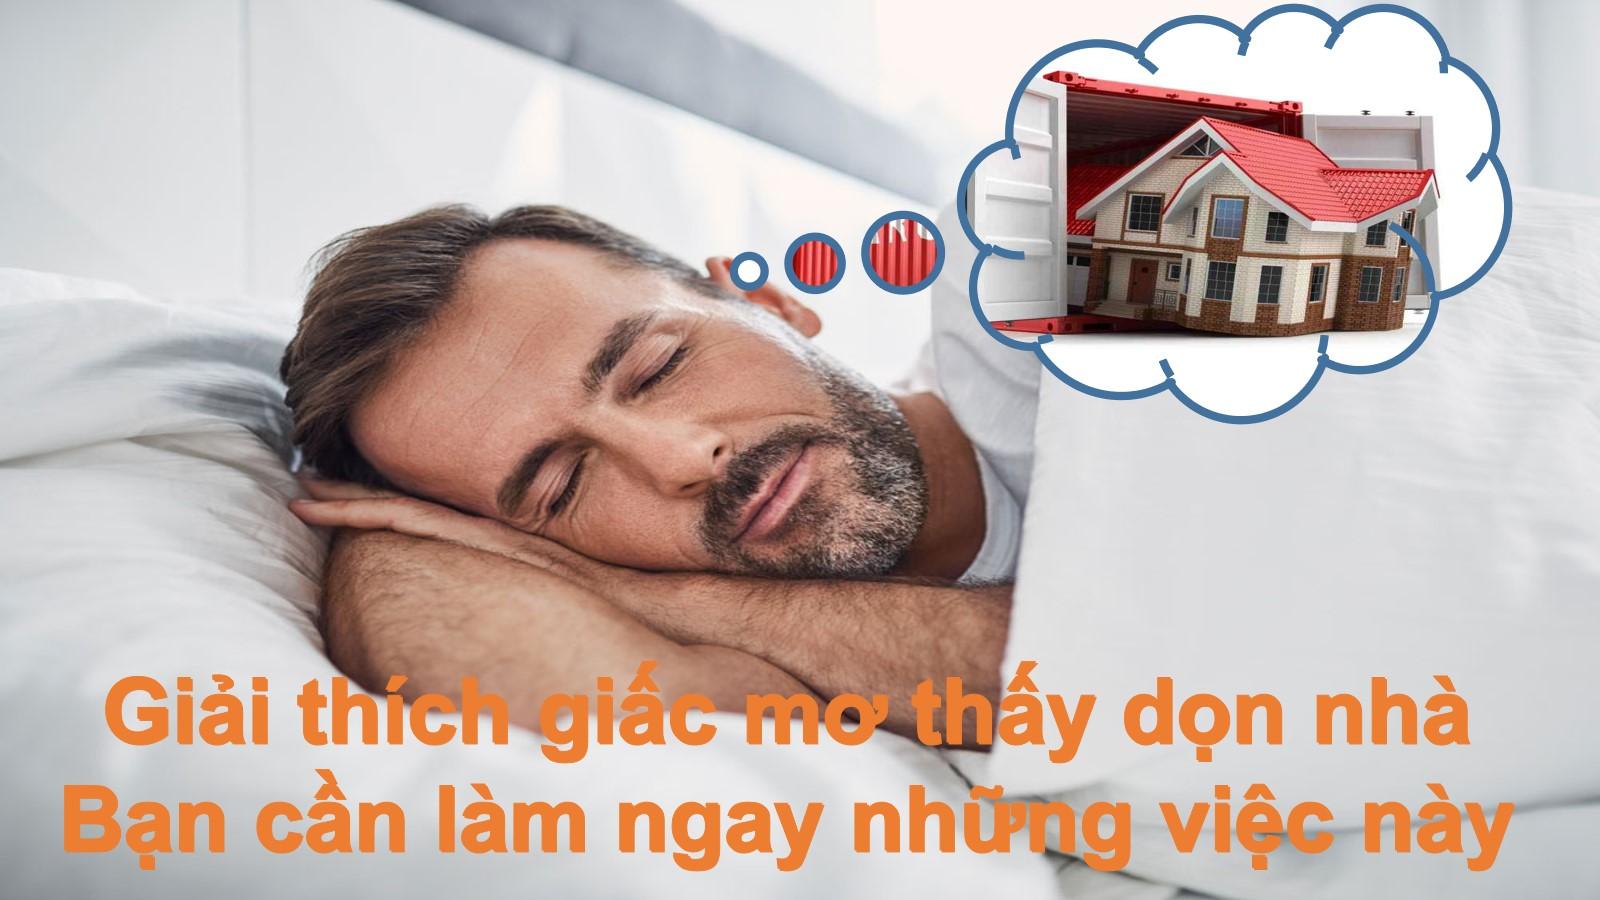 Bạn cần làm gì khi nằm mơ chuyển nhà?